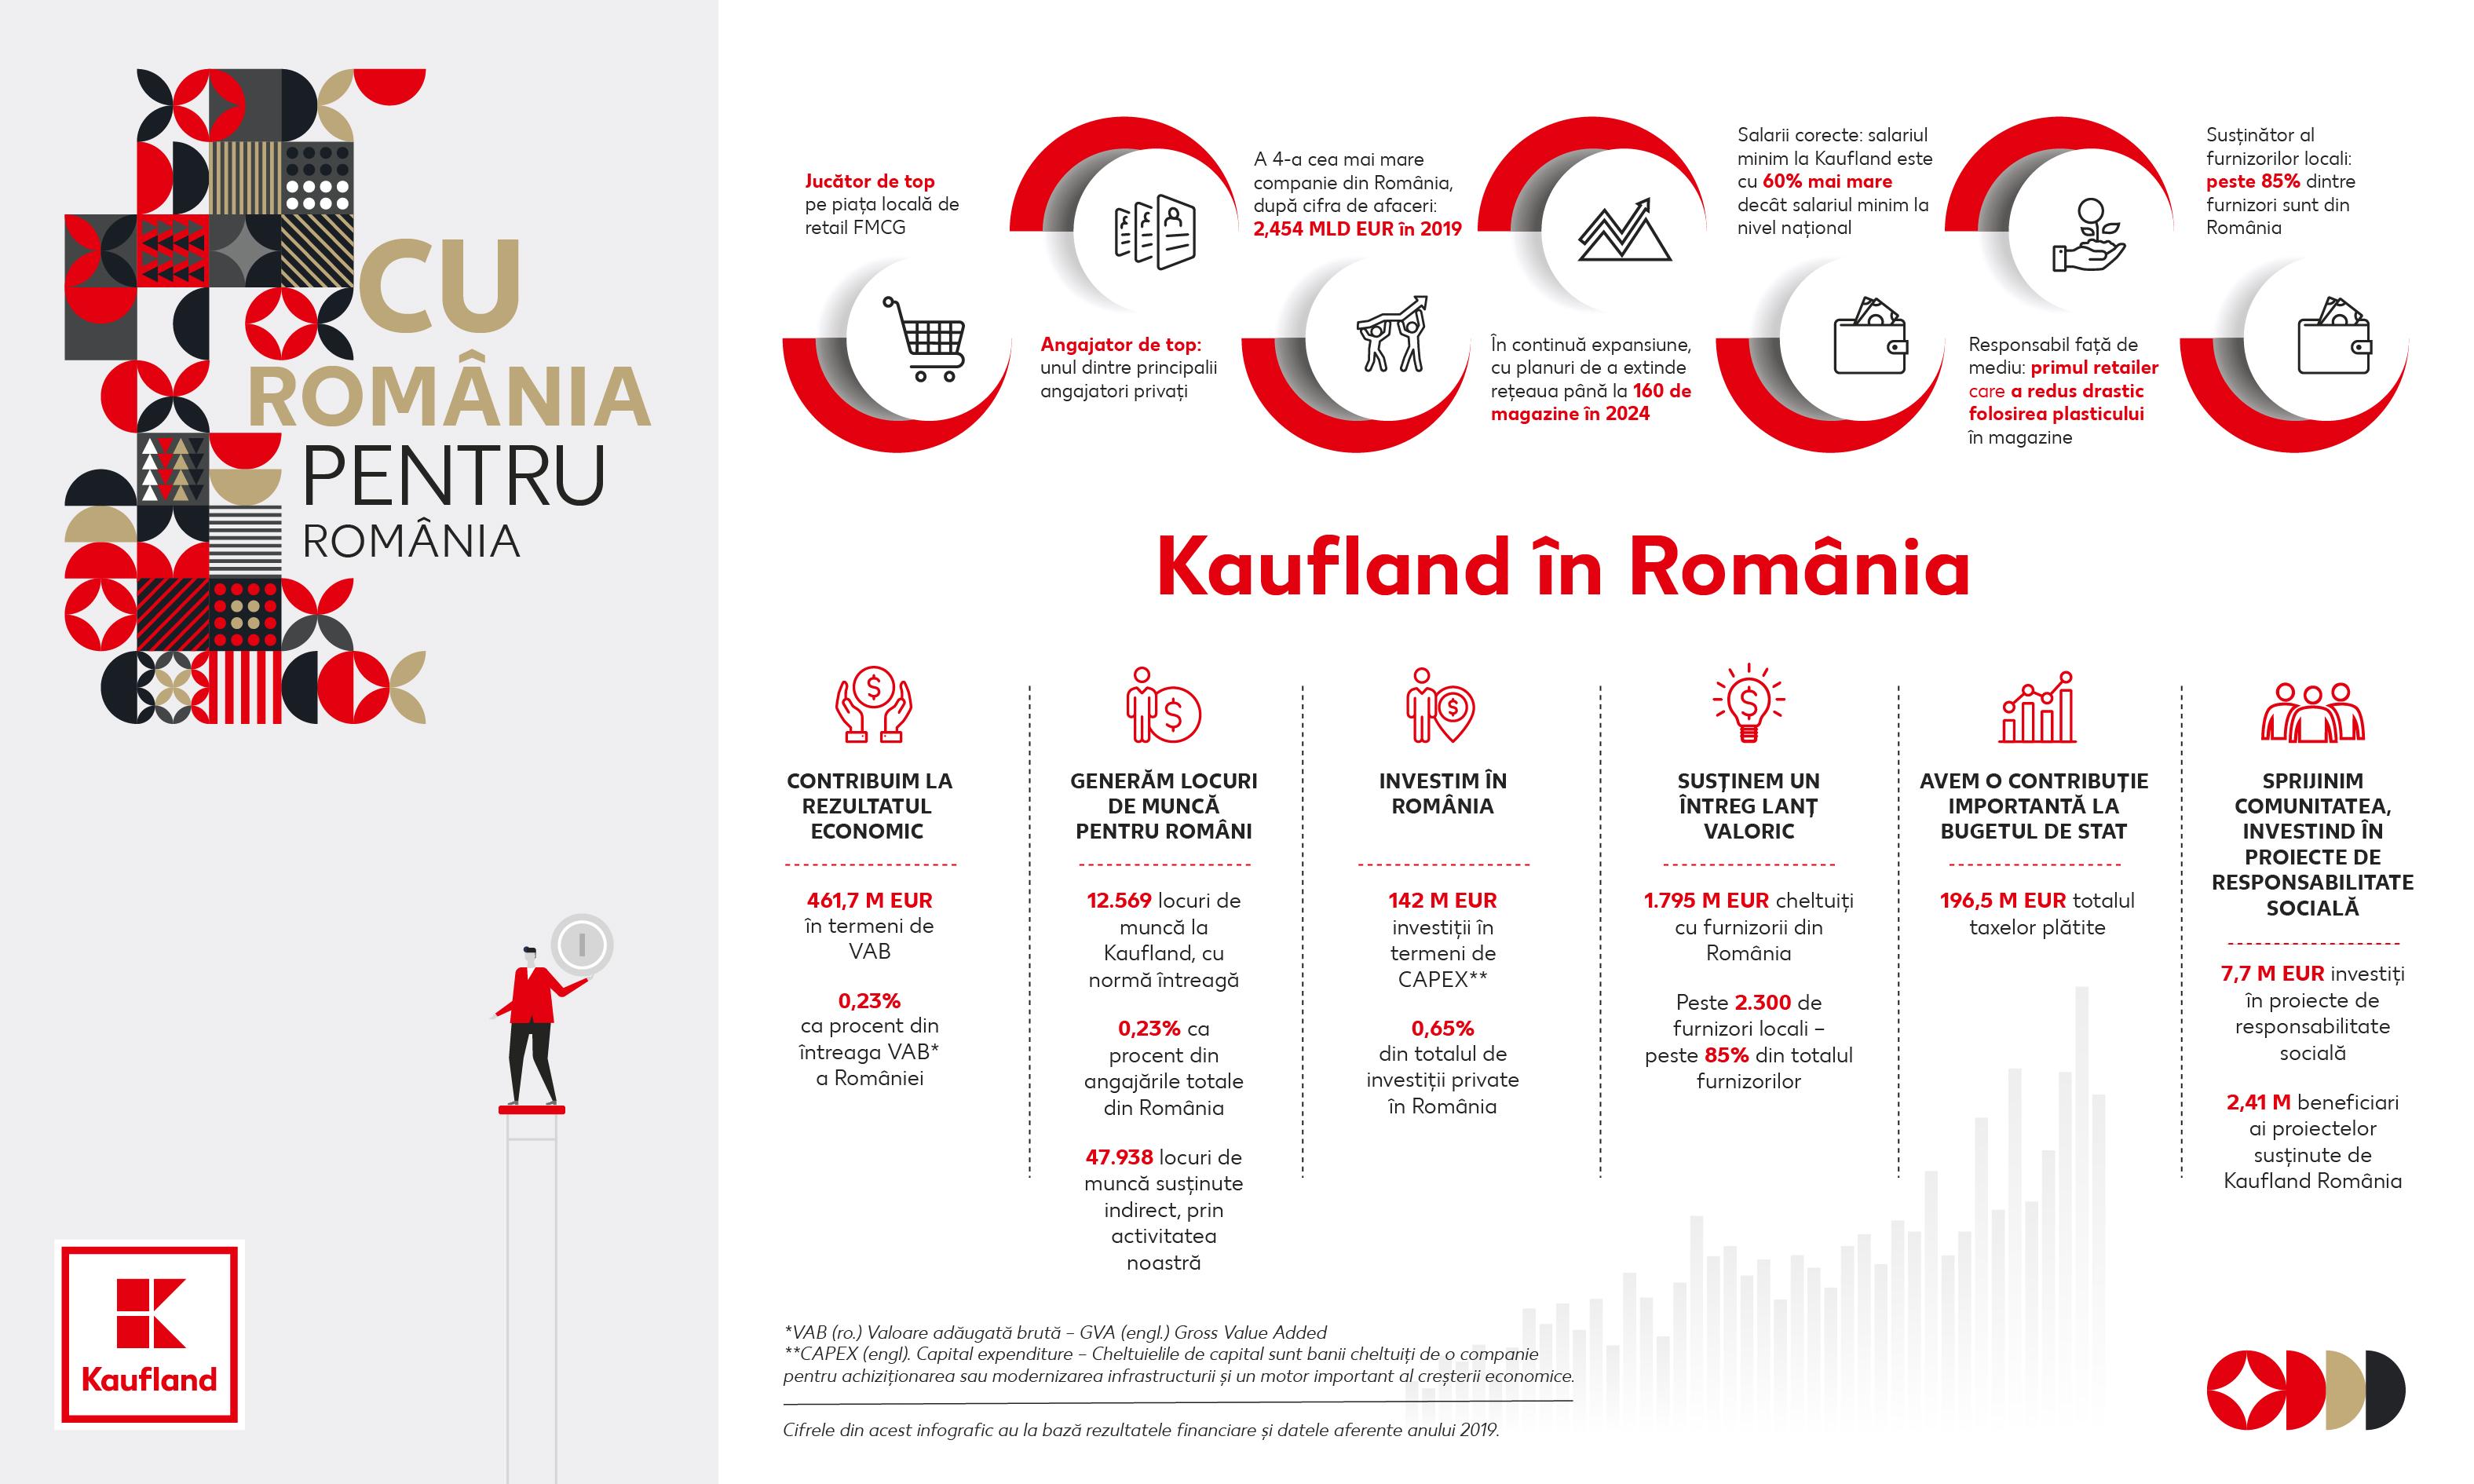 Impactul socio-economic Kaufland România în 2019: peste 40 milioane de lei în CSR